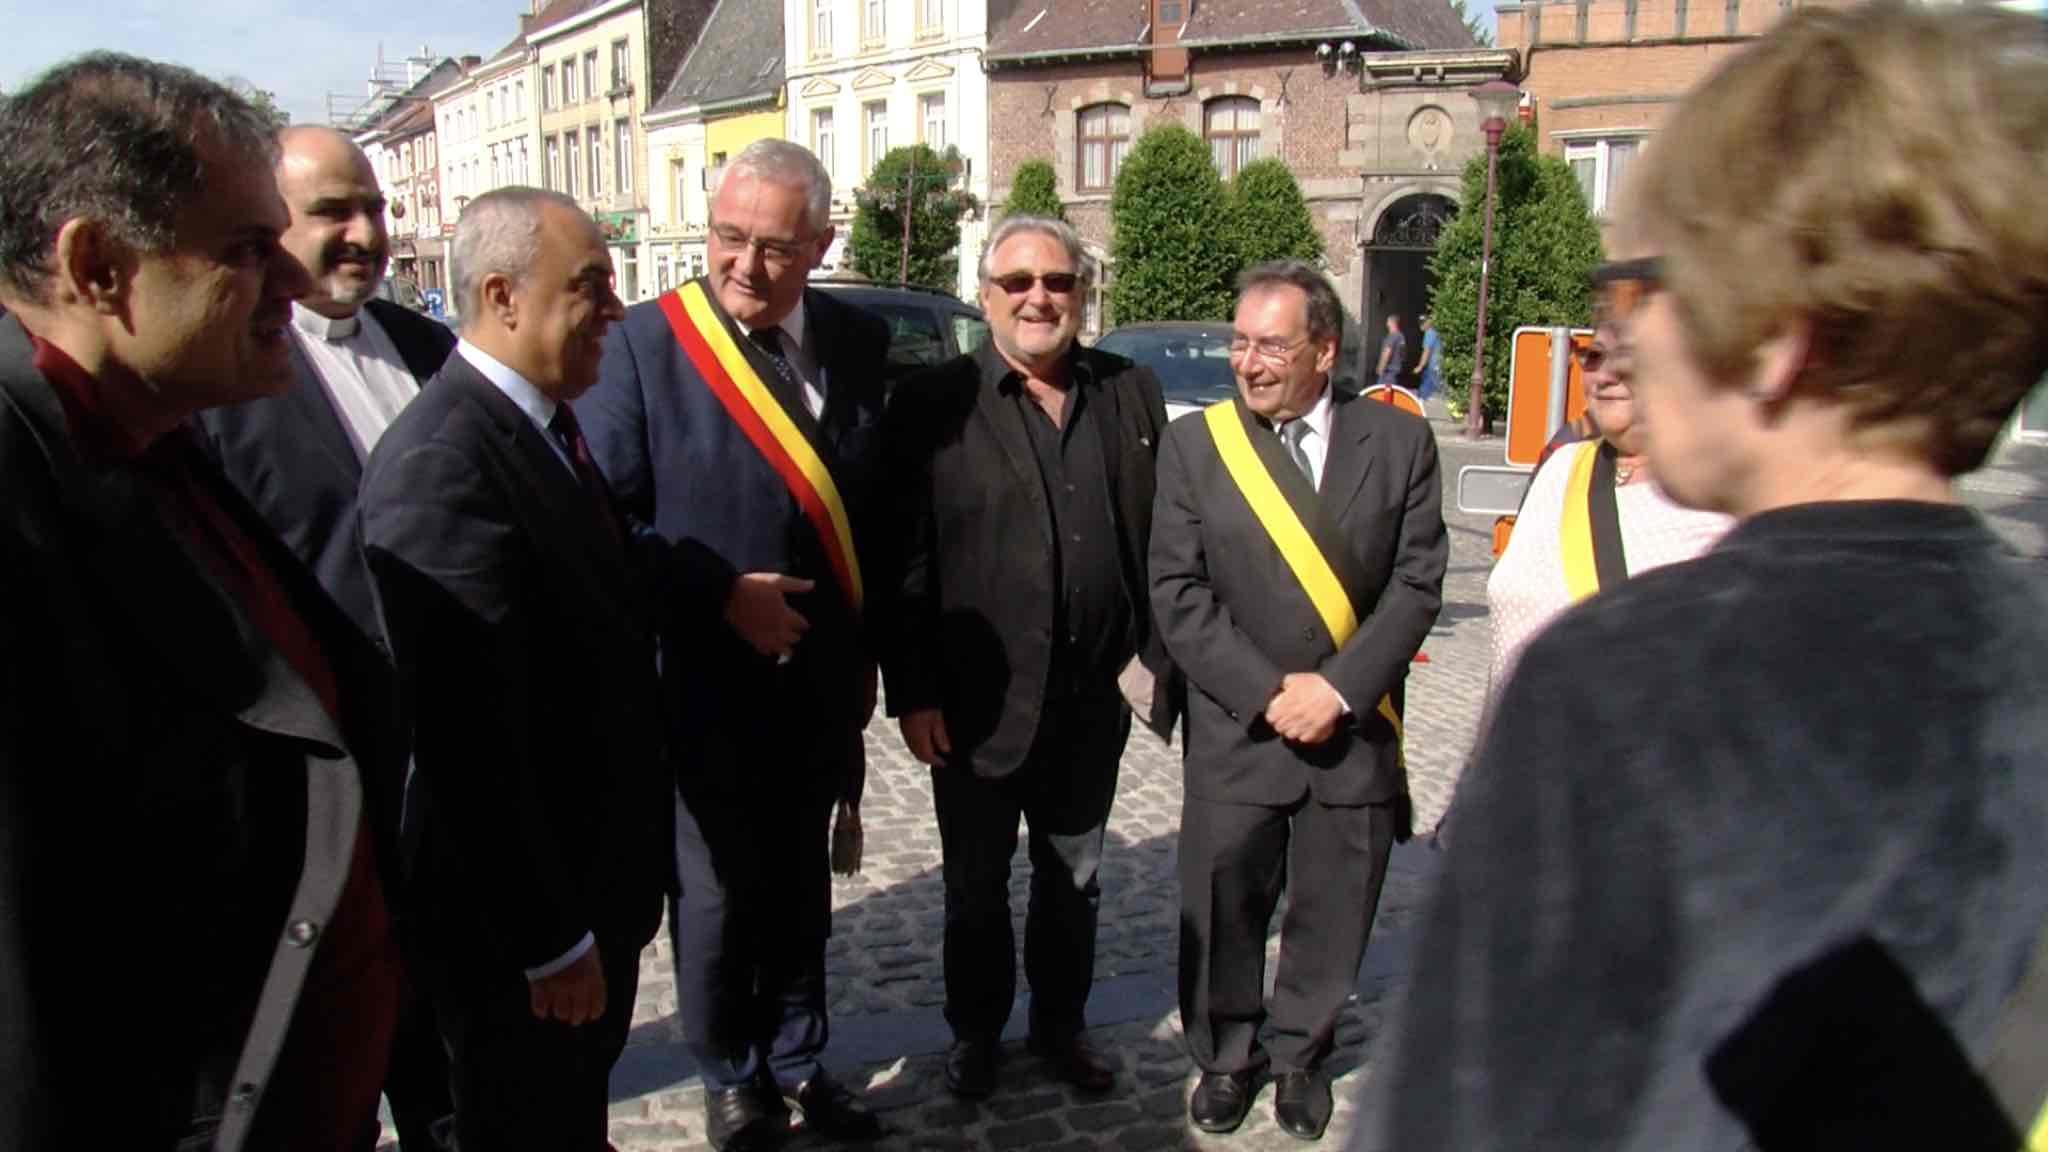 Visite de l'ambassadeur de Palestine au Pays des Collines